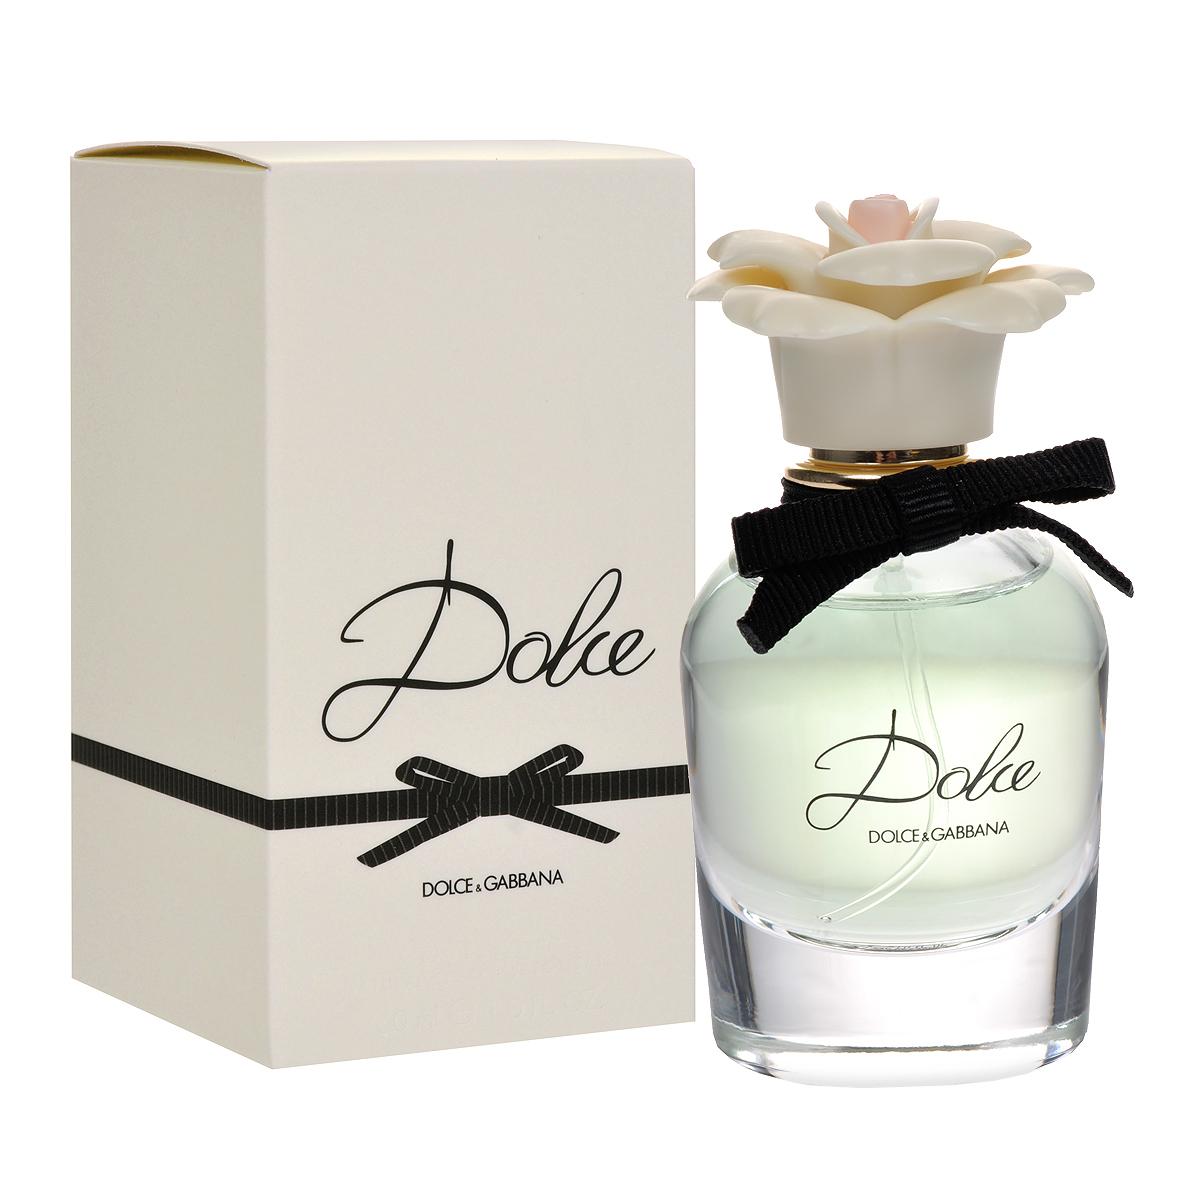 Dolce&Gabbana Парфюмерная вода Dolce, женская, 75 мл dolce & gabbana dolce rosa парфюмерная вода 75 мл